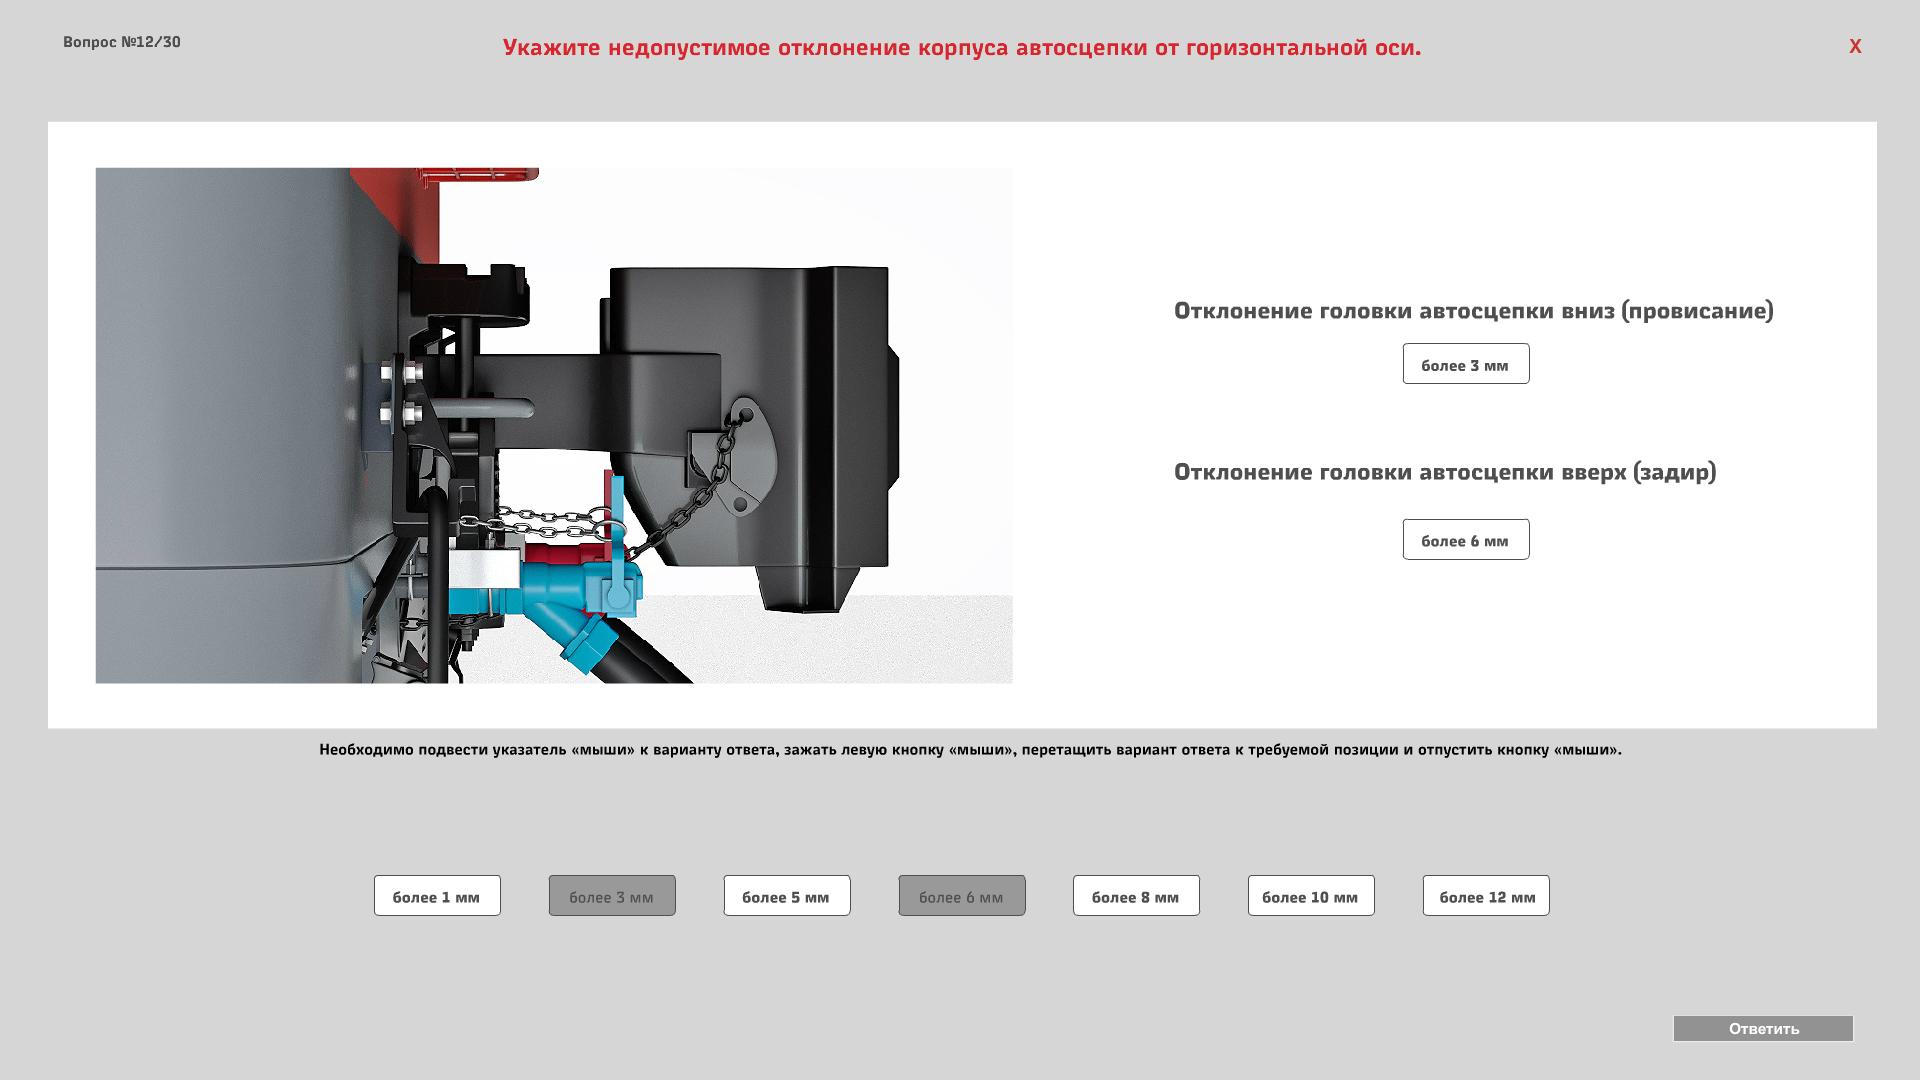 priemka 02 Электронный учебный комплекс «Порядок сдачи и приёмки локомотивов локомотивными бригадами»